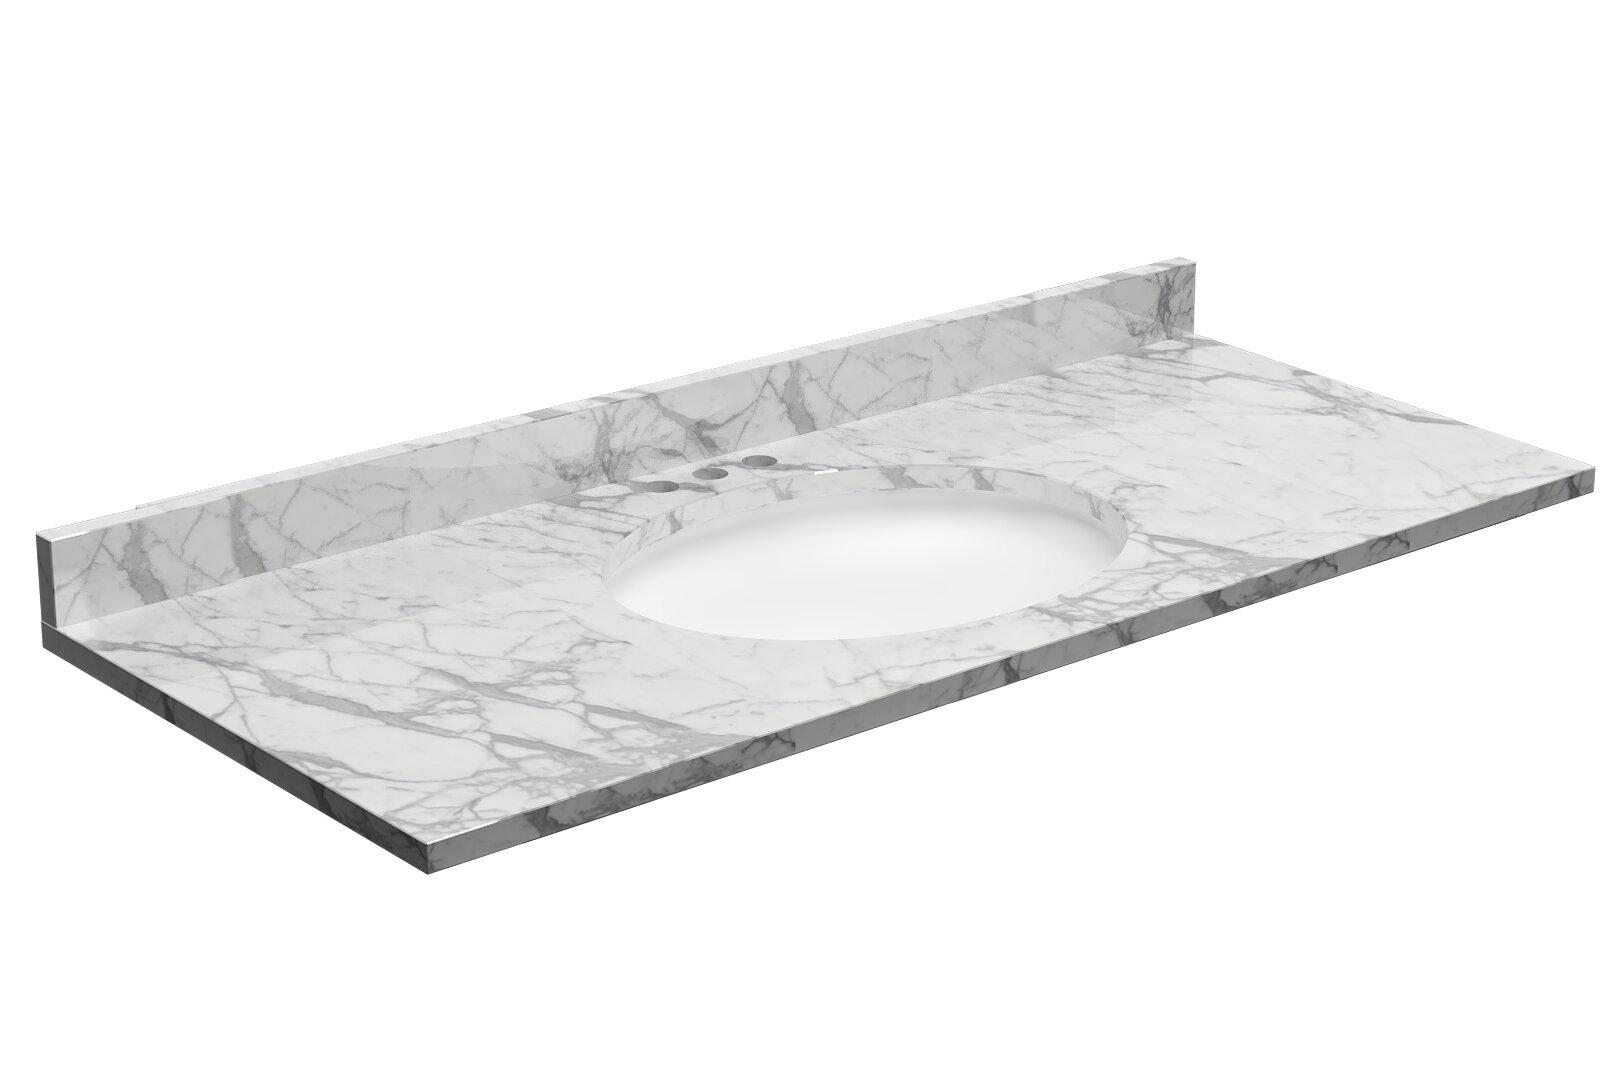 Cnc Cabinetry 61 Granite Single Bathroom Vanity Top Reviews Wayfair